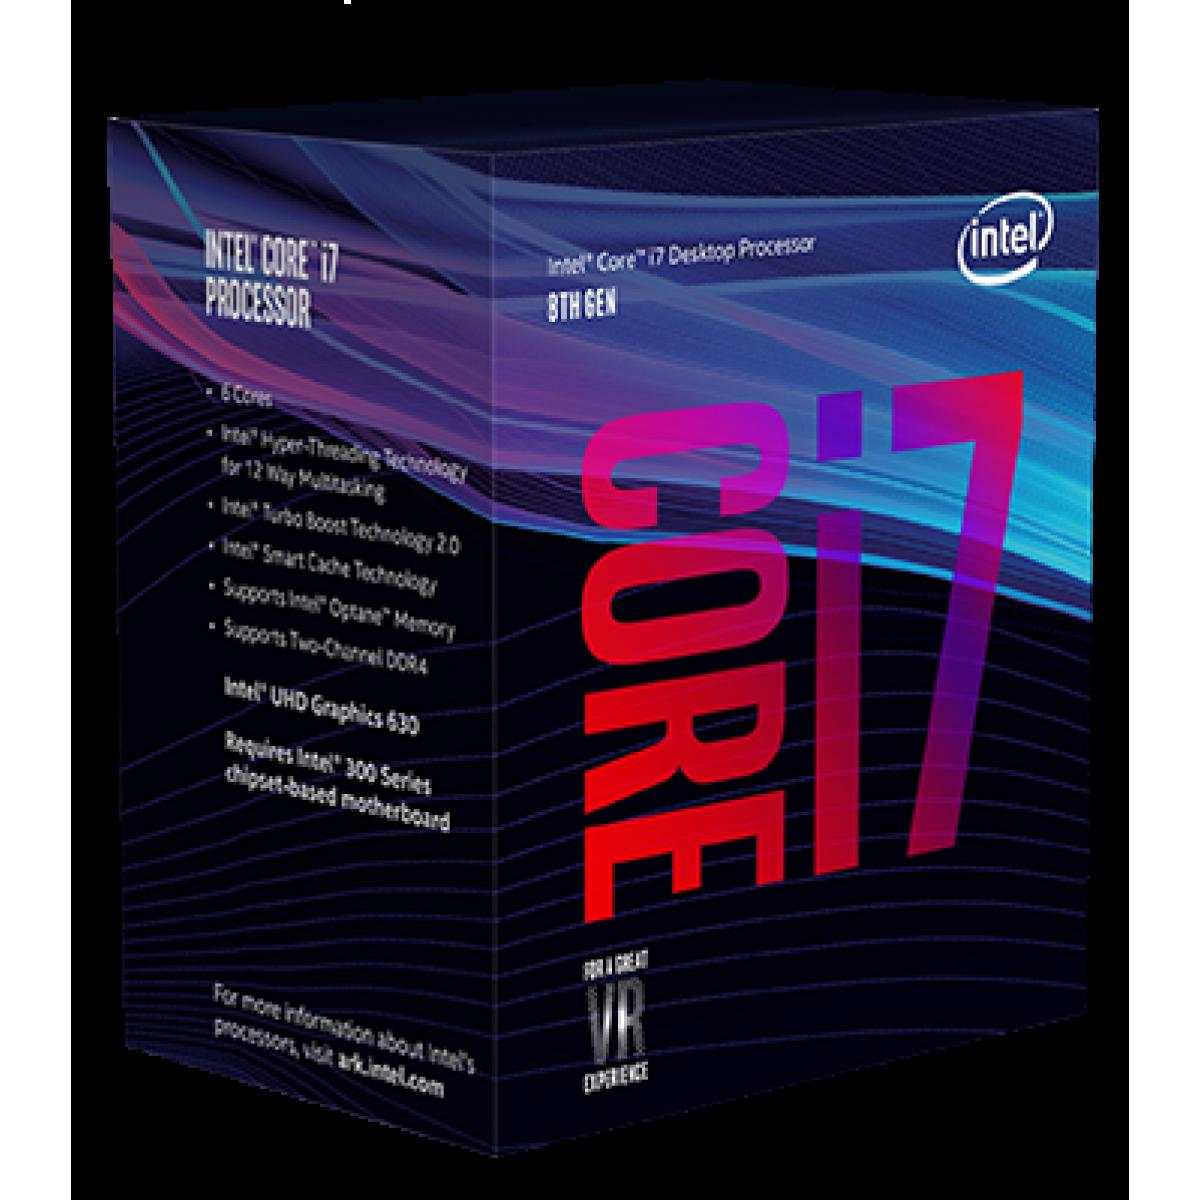 Processador Intel Core i7 8700 3.2GHz (Max Turbo 4.60GHz) 12MB BX80684I78700 8ª Geração Coffee Lake LGA 1151 IMP